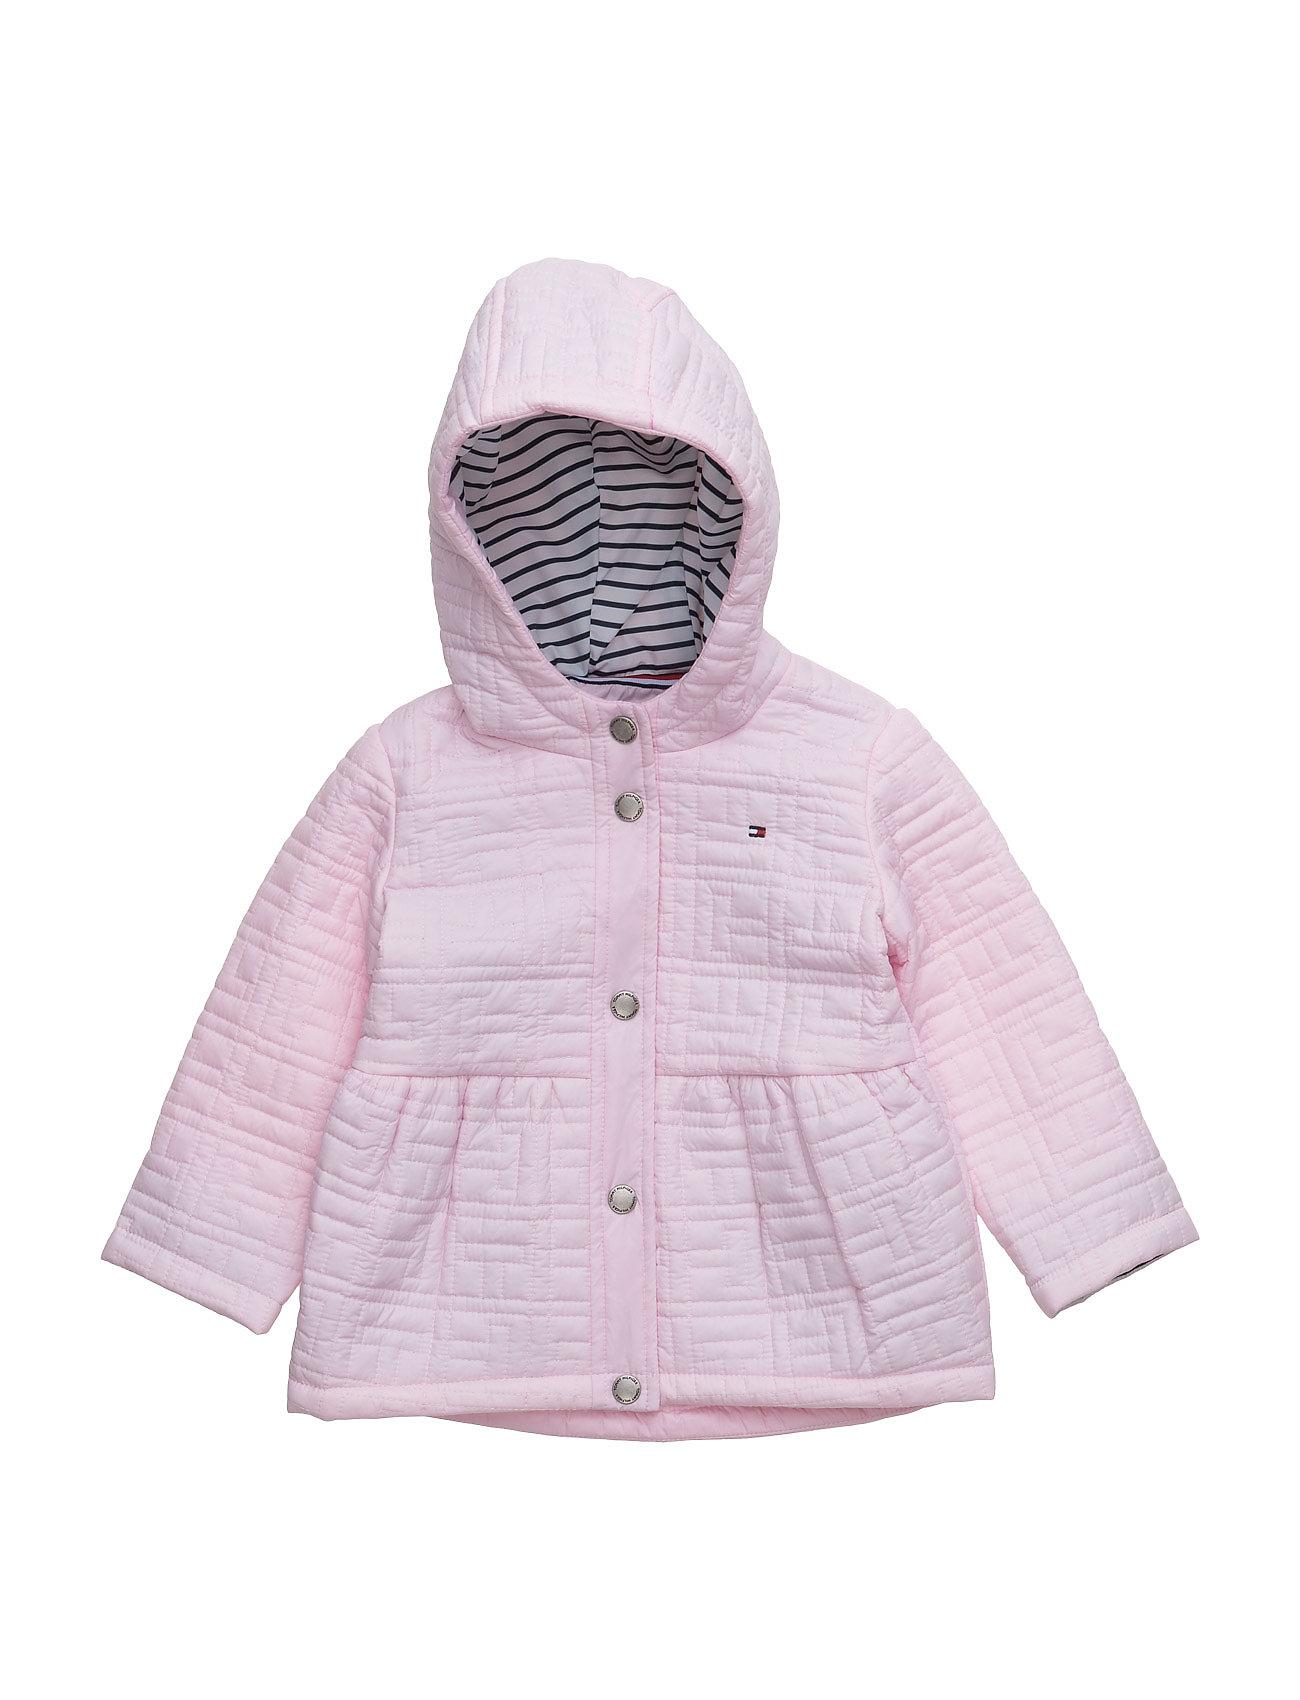 Thnb Baby Jacket Tommy Hilfiger Overtøj til Piger i Lyserød